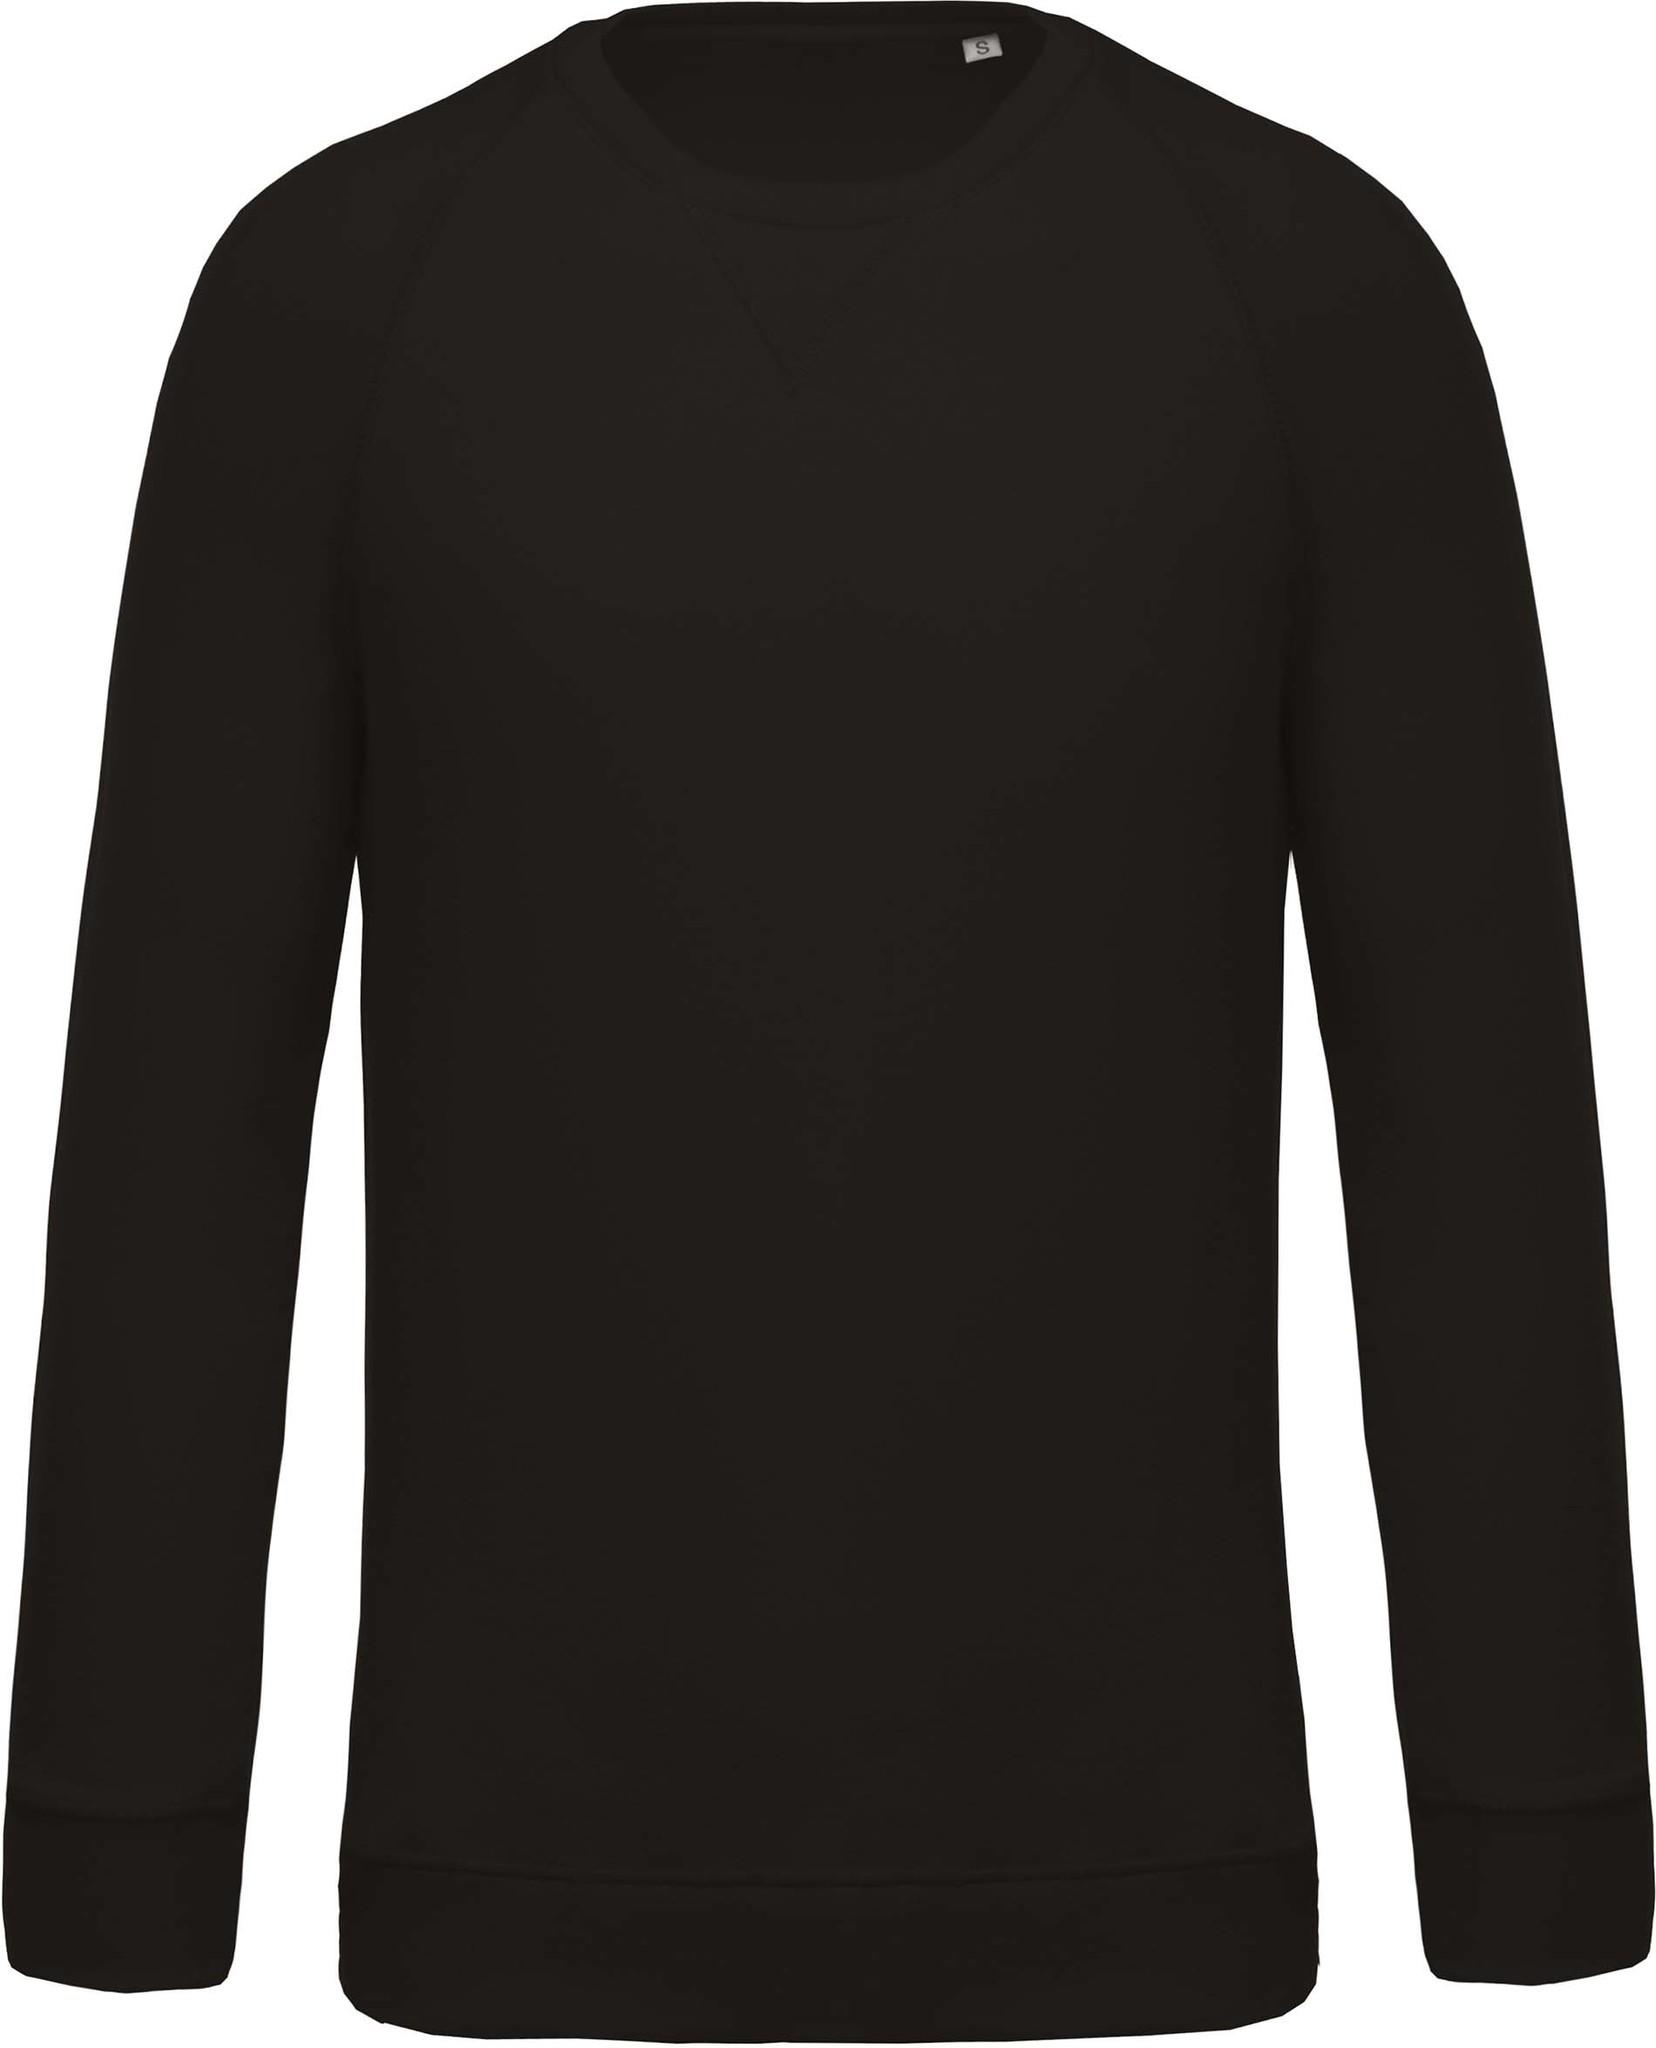 Kariban Kariban - Crewneck Bio Sweater - Kids